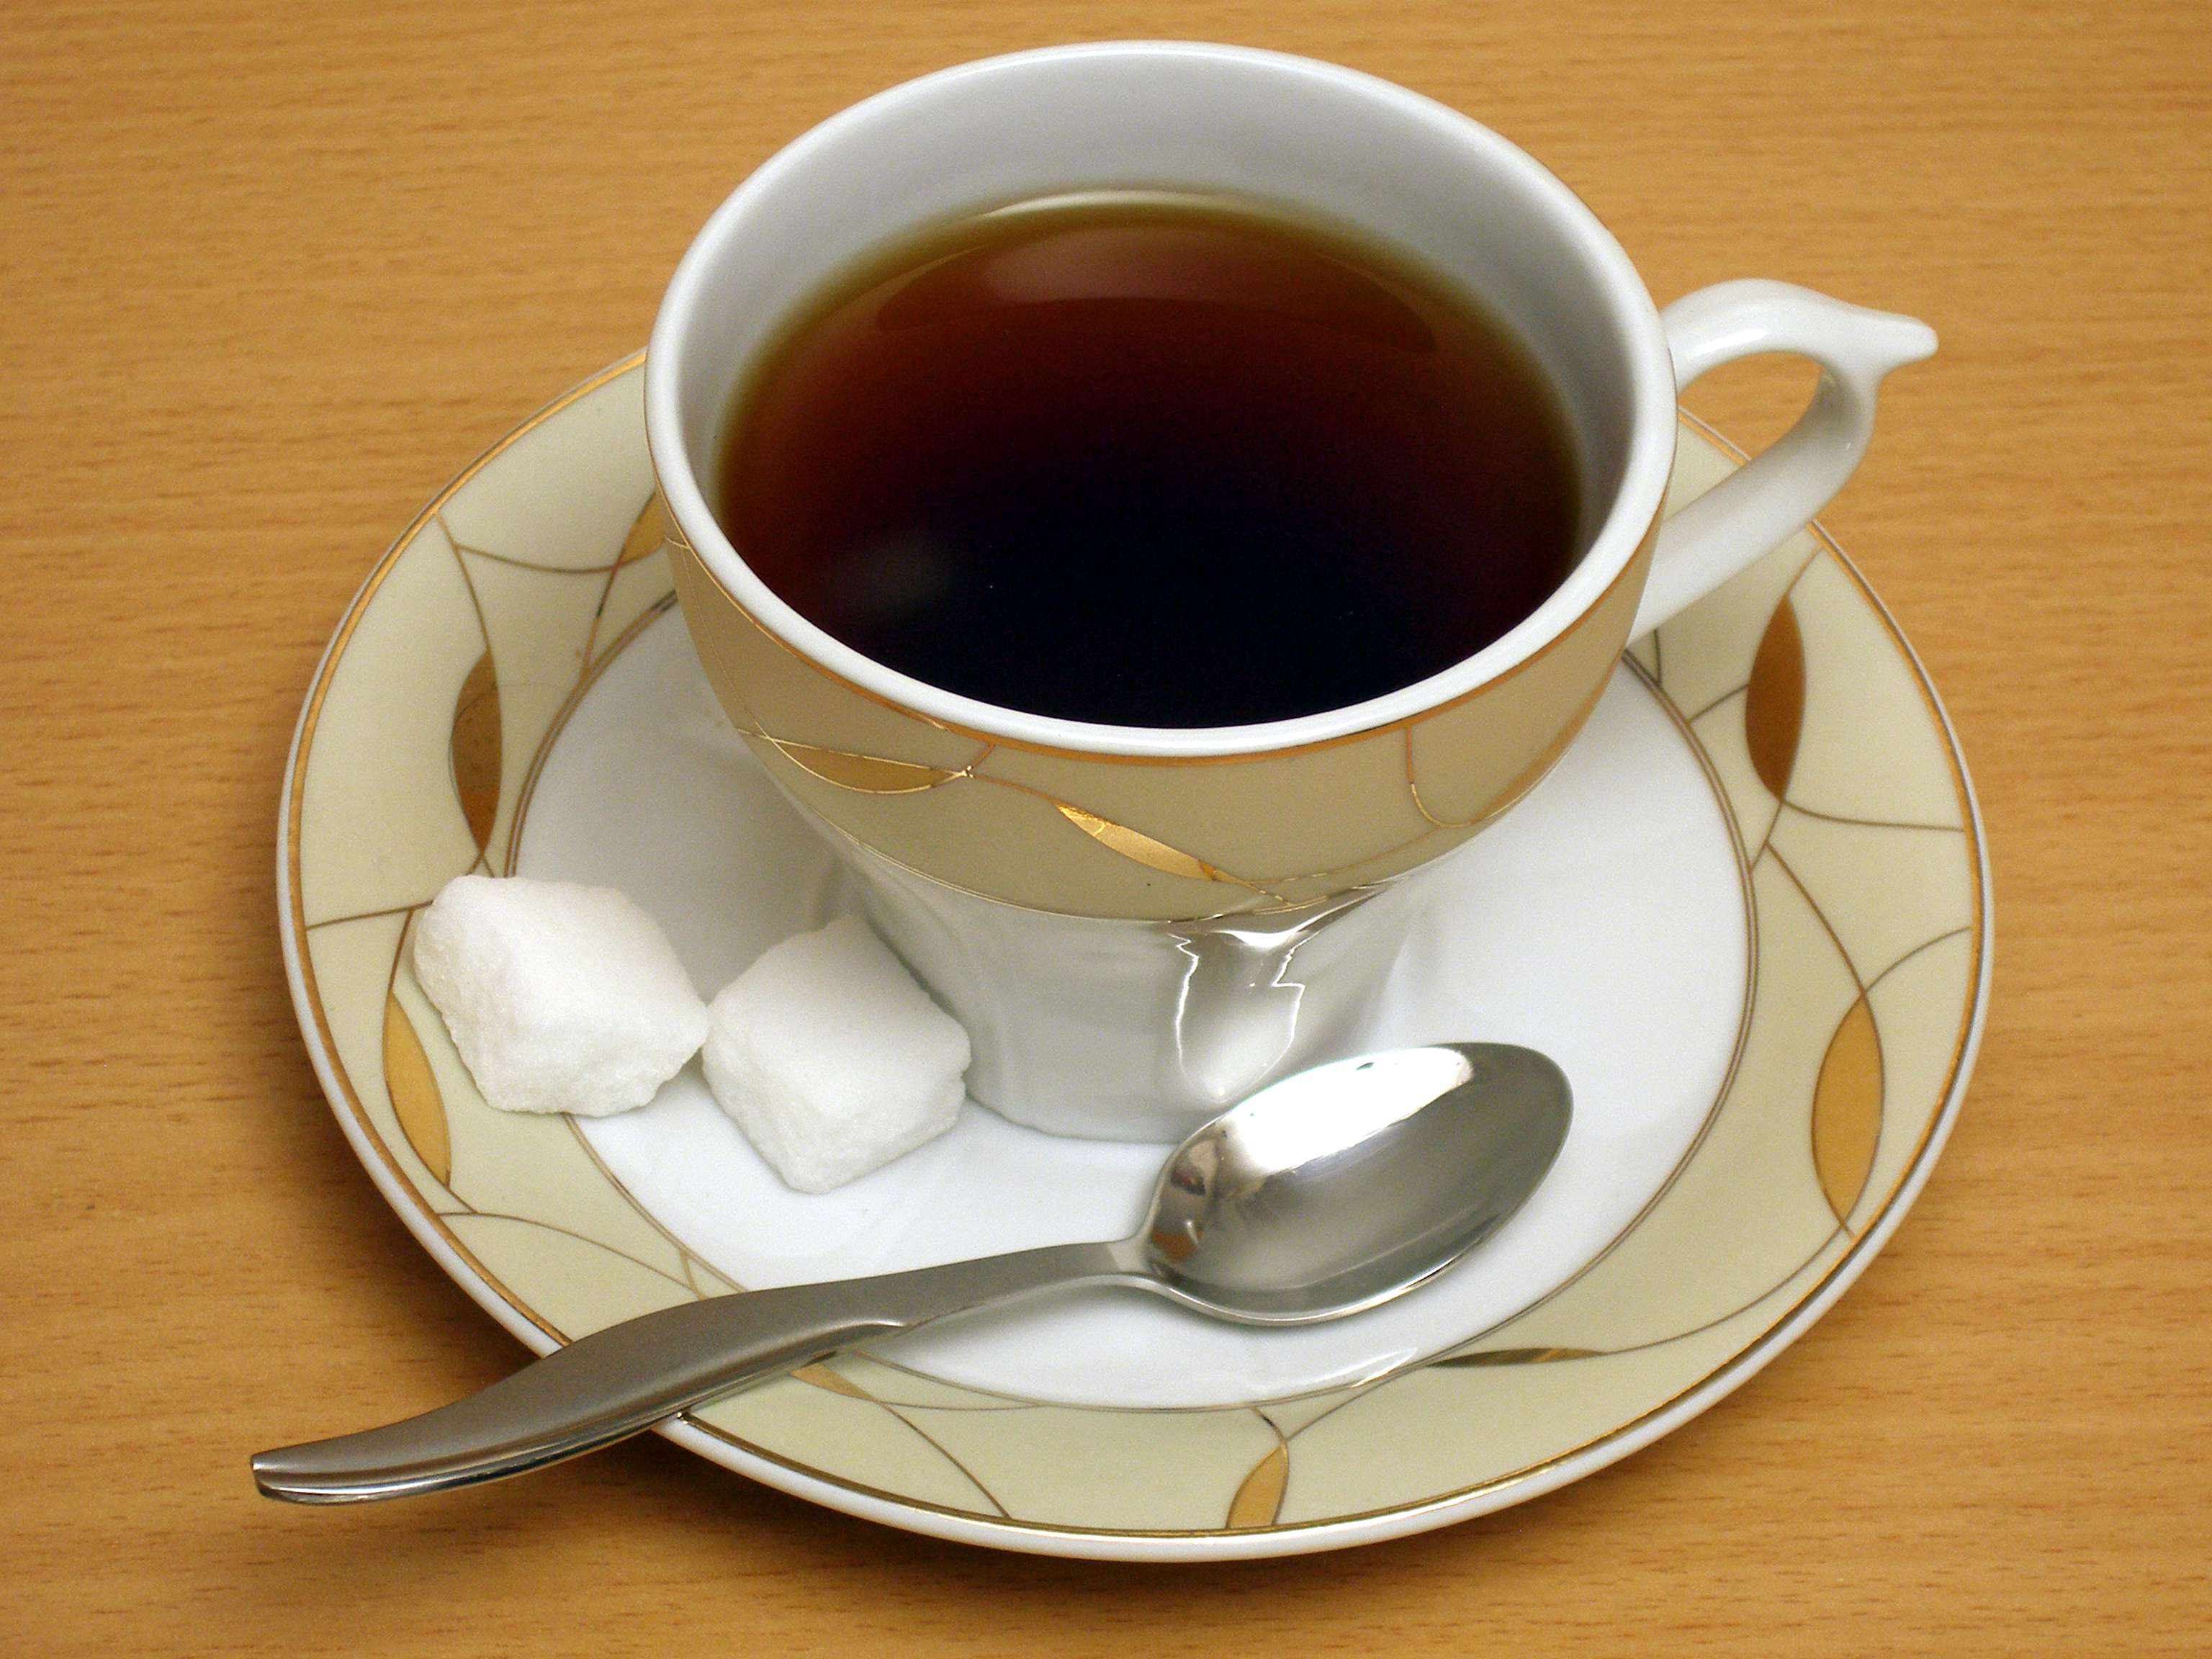 سم پنهان موجود در چای